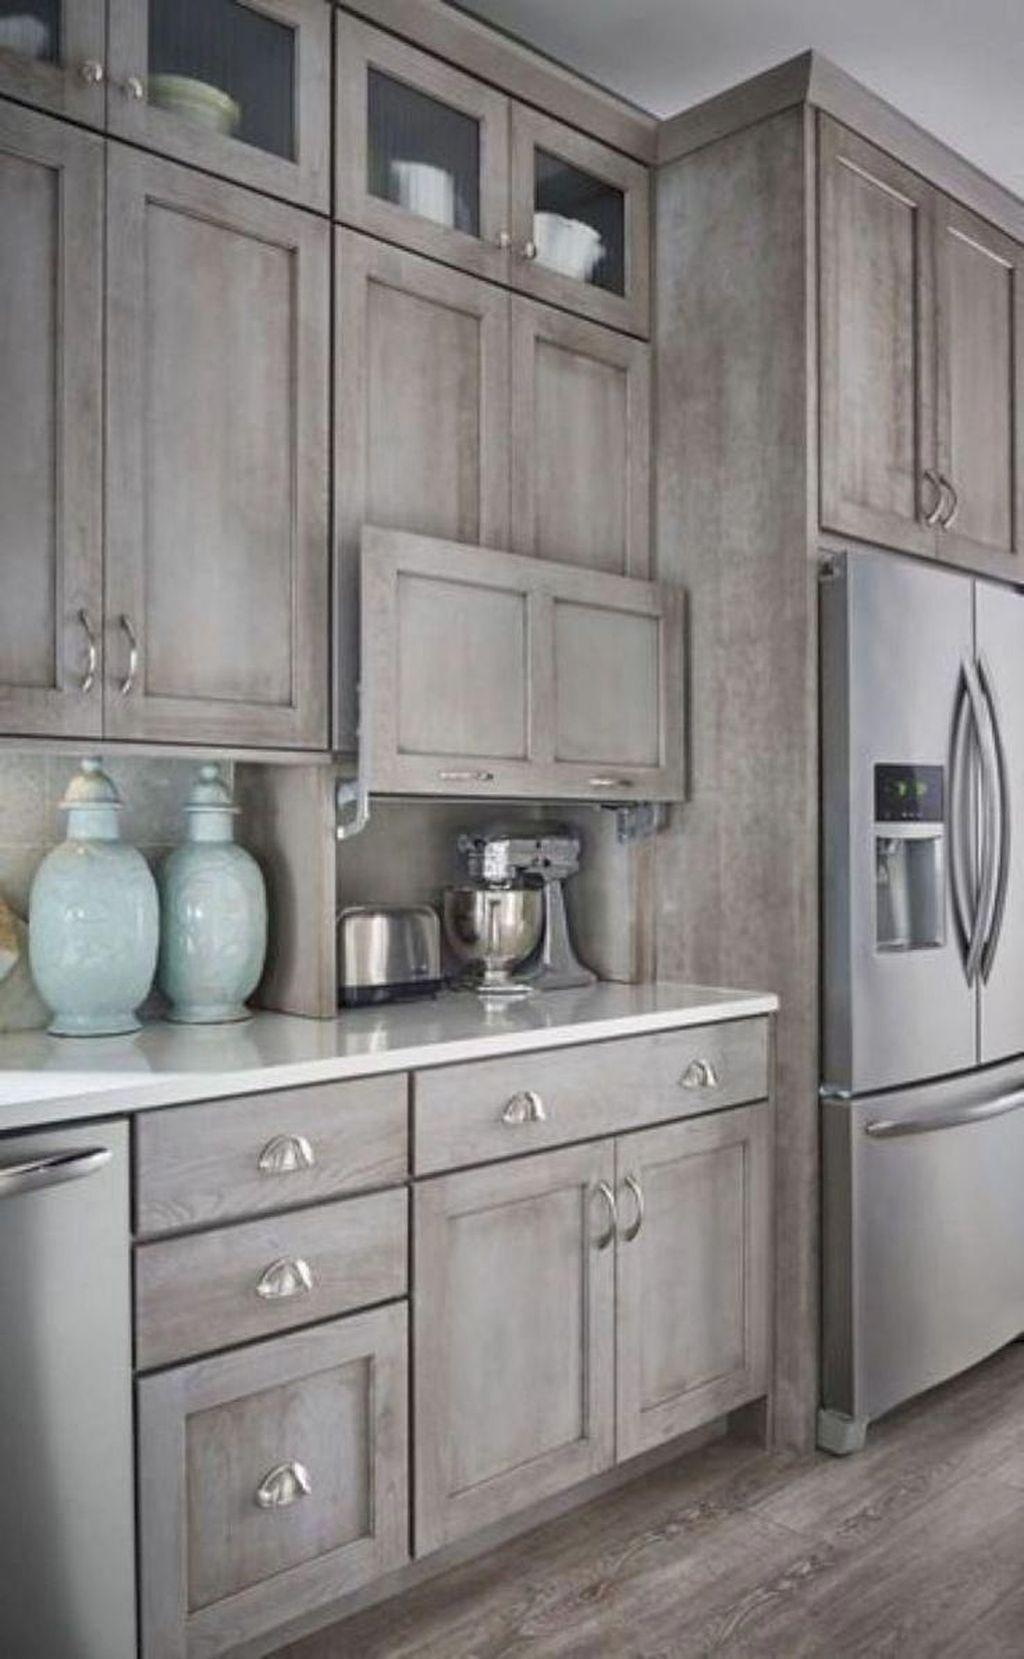 Stunning Kitchen Cabinets Ideas 26